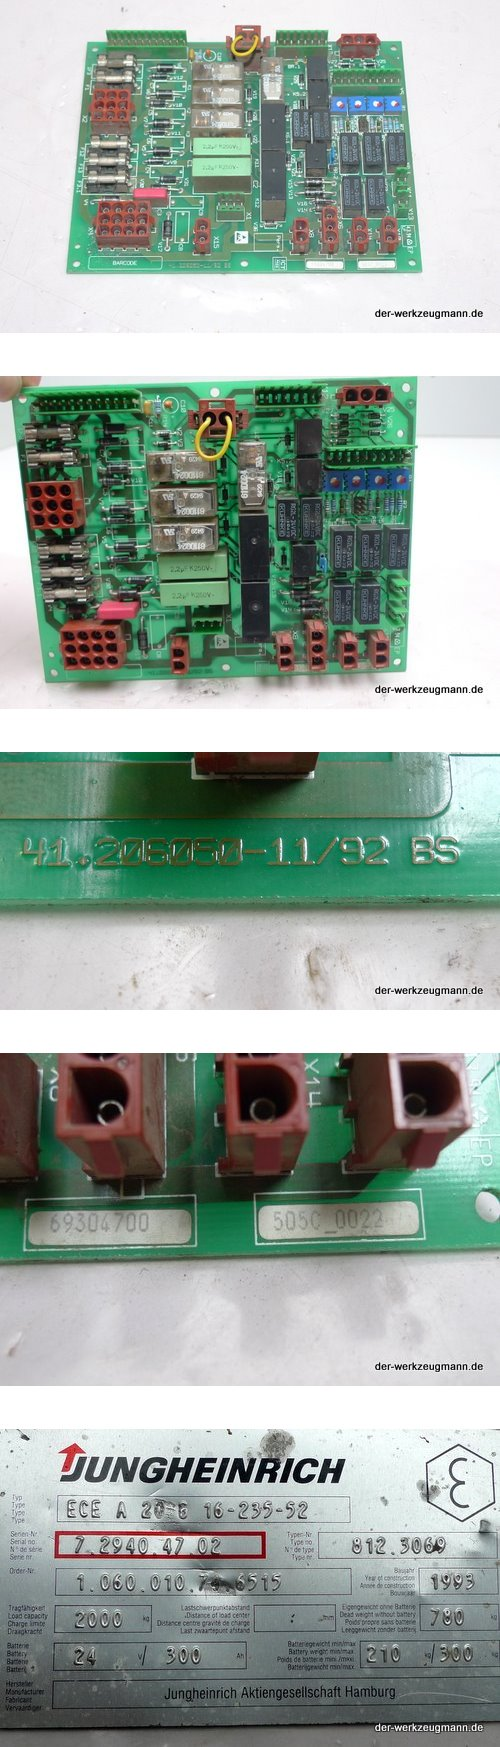 Jungheinrich Elektronik 41.206050-11/92 BS Stapler ECE 20